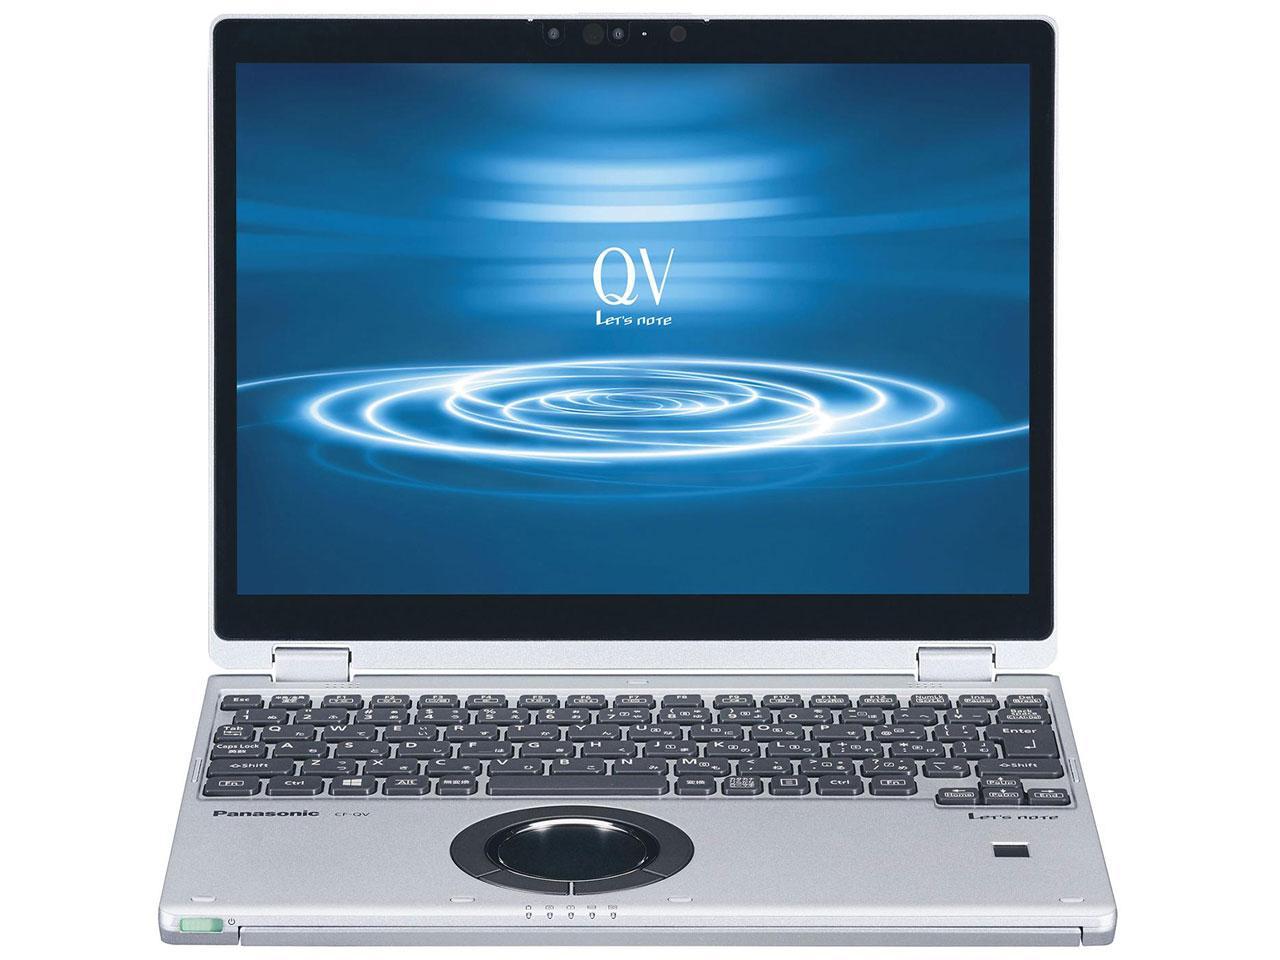 パナソニック Lets note QV8シリーズ(Core i5-8265U/SSD256GB/RAM 16GB/W10Pro64/1(CF-QV8NDMQR)【smtb-s】